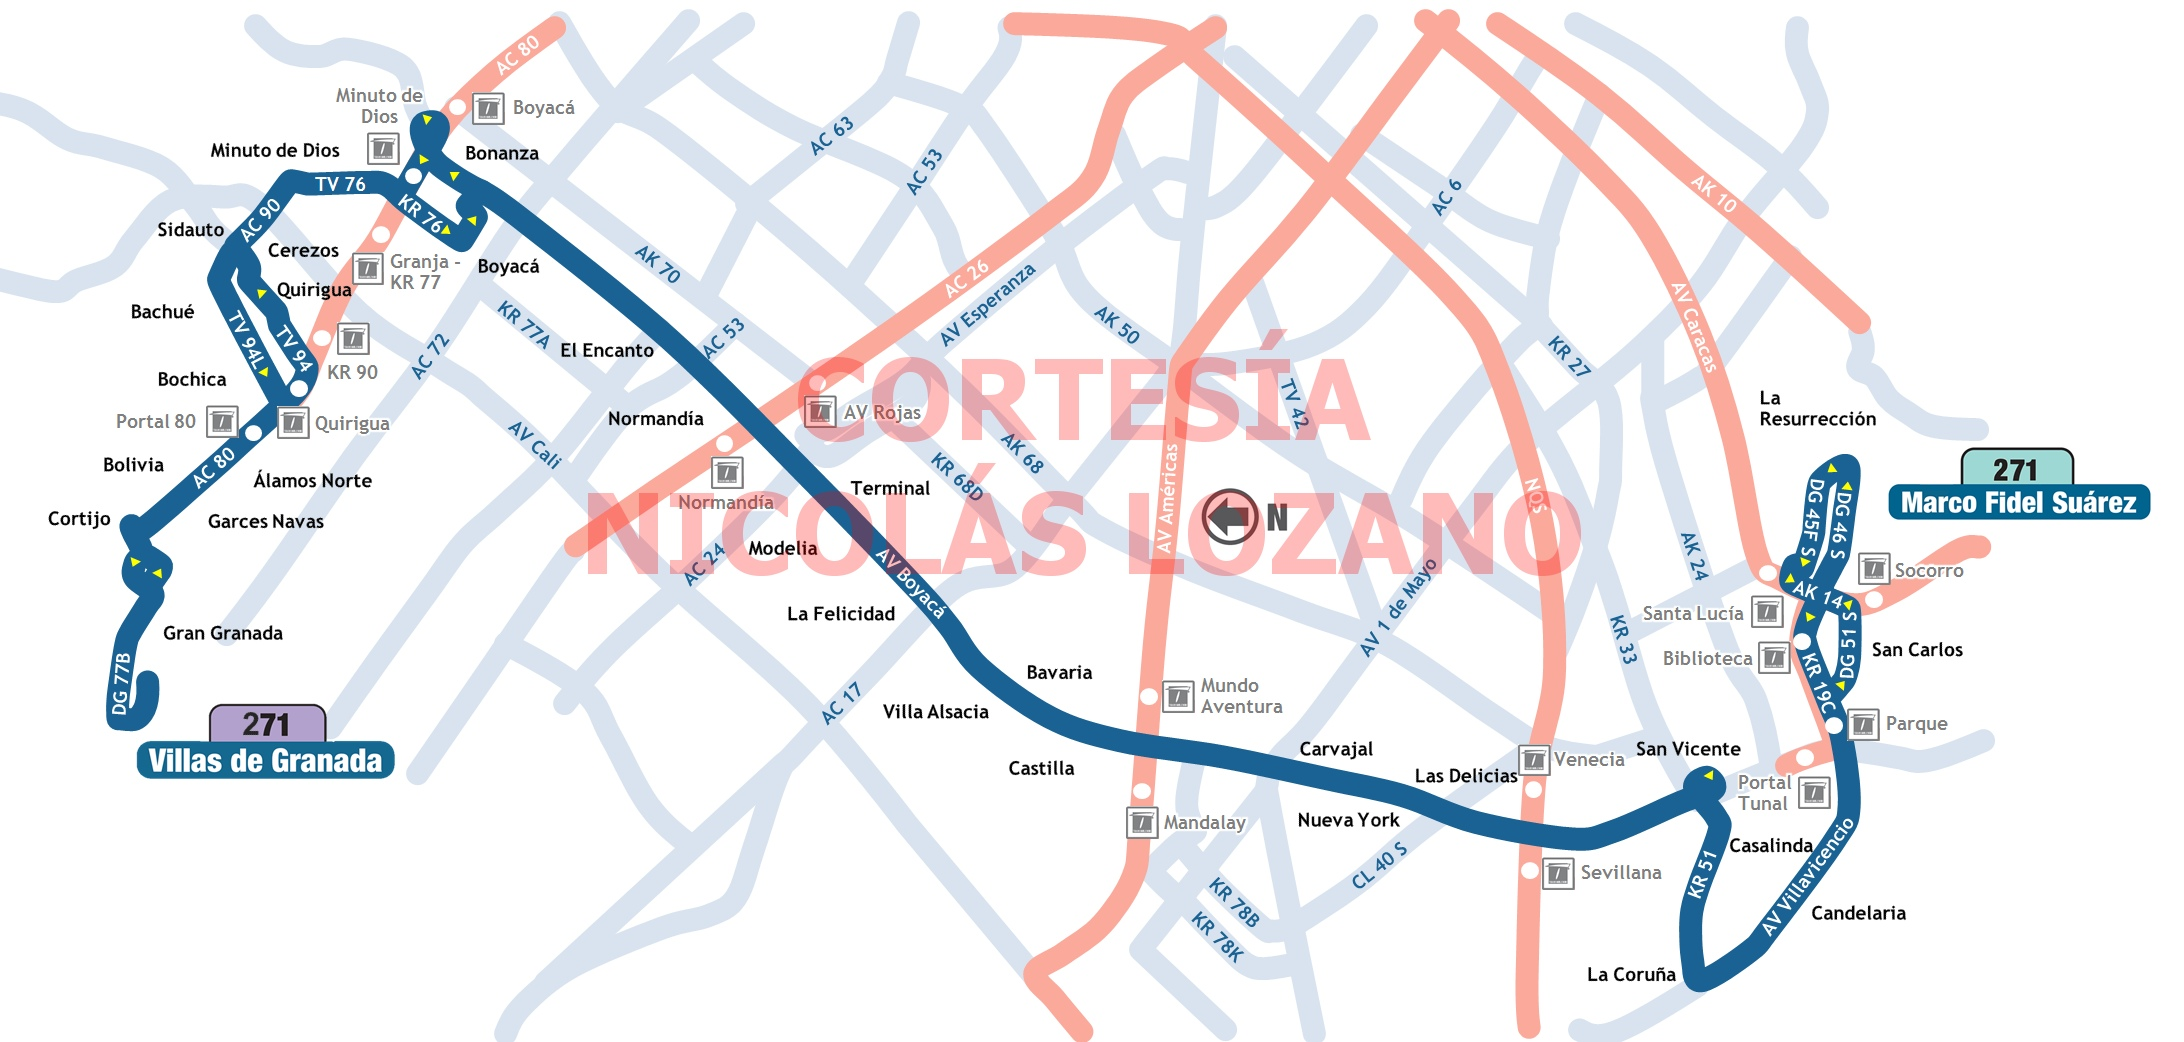 Mapa Esquemático Ruta 271